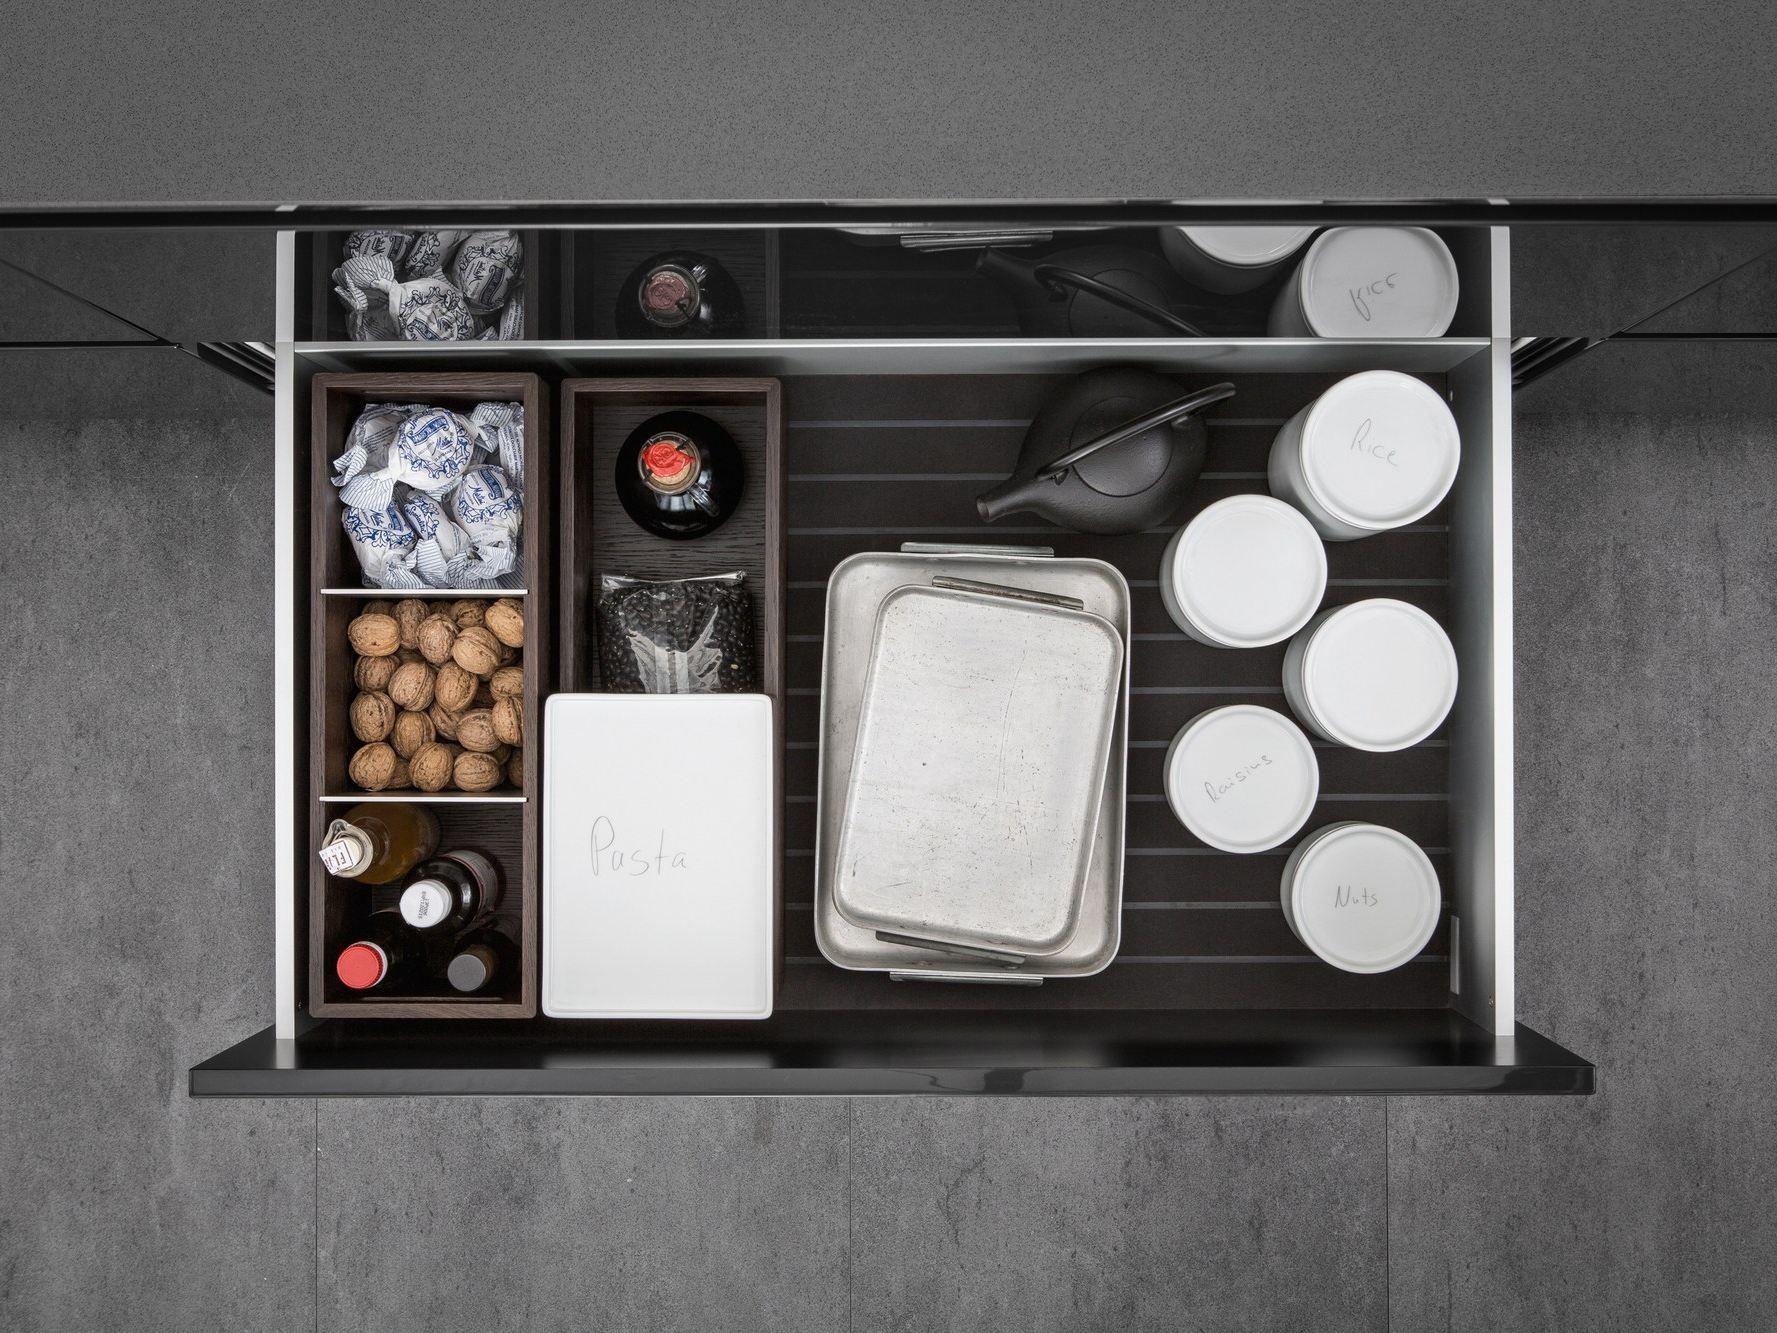 厨房配件 sliding drawer system by siematic aluminium kitchen interior accessories wooden kitchen on kitchen interior accessories id=87427